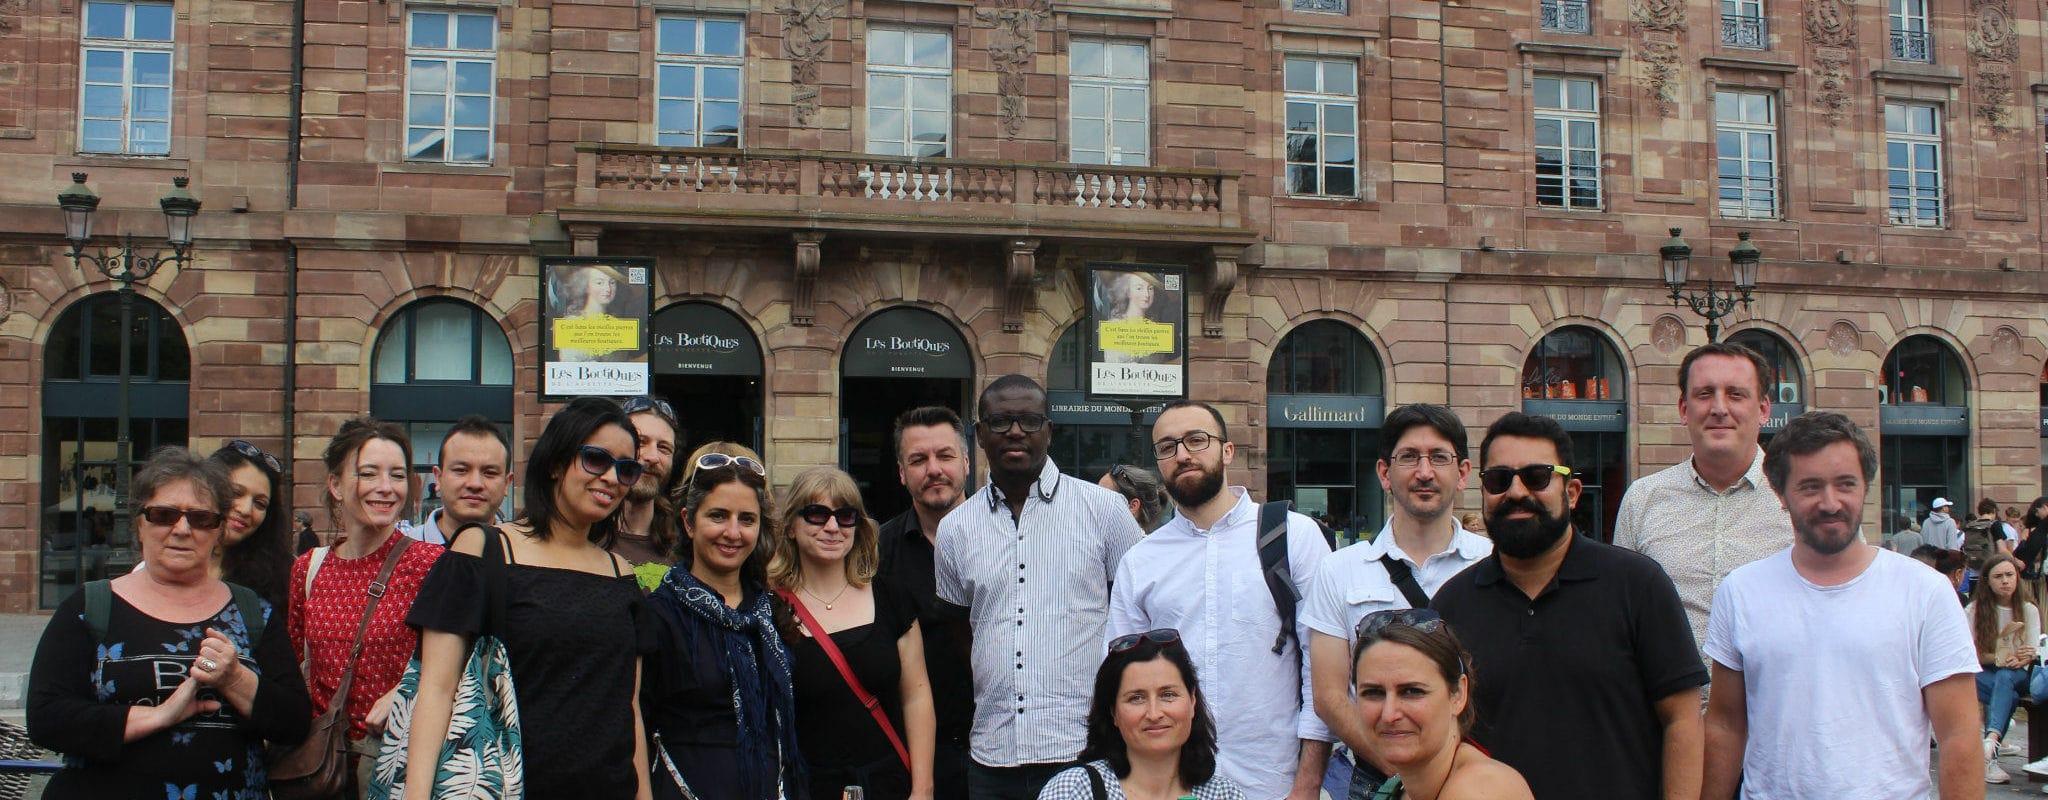 Municipales : Syamak Agha Babaei et «Le Labo citoyen» veulent leur mot à dire